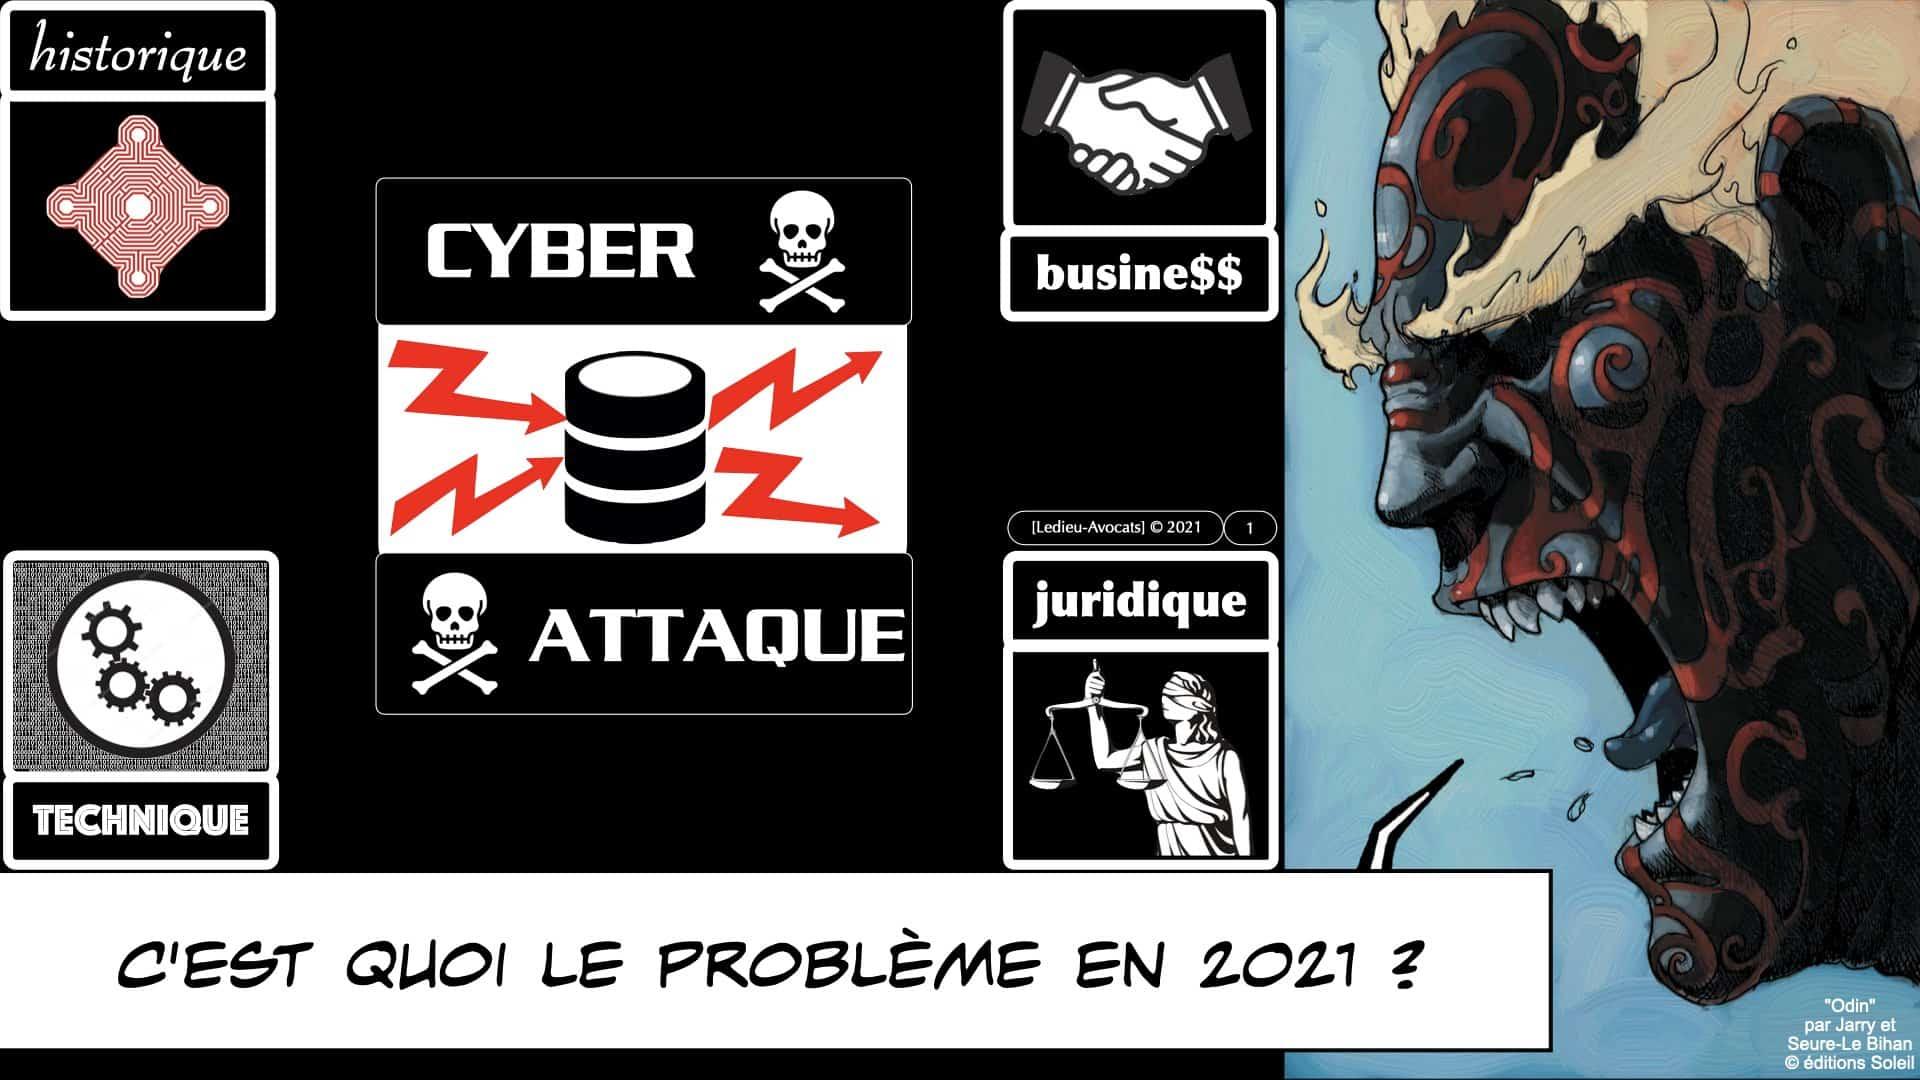 cyber attaque 2021 : historique technique juridique et business